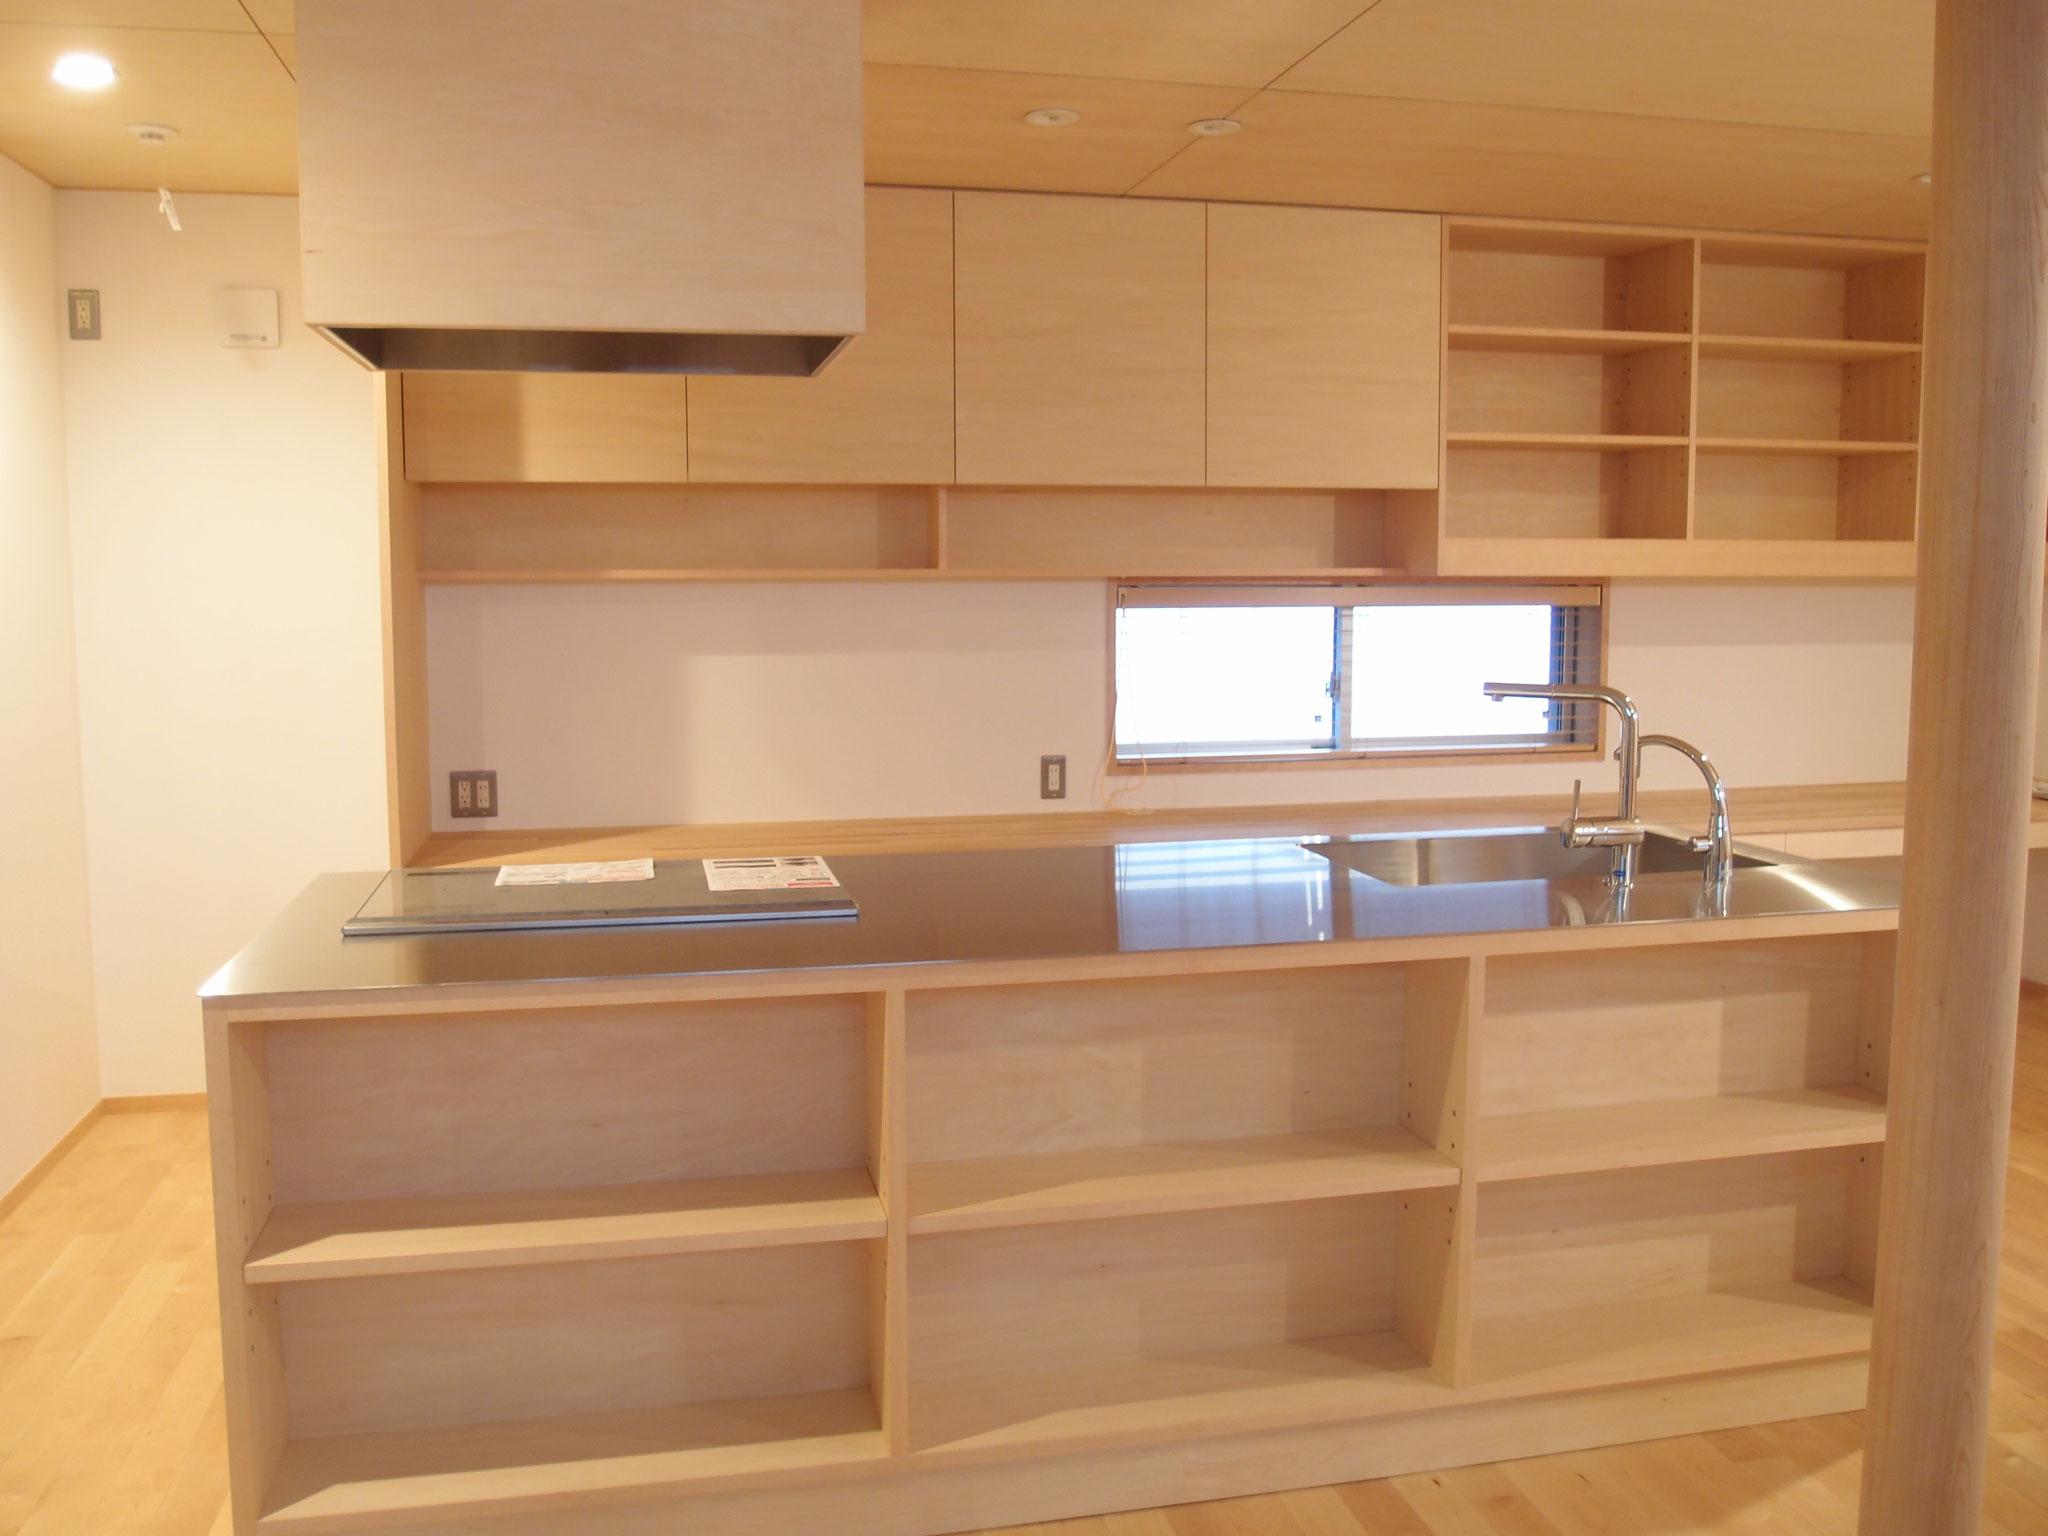 キッチン収納 カウンター下 収納 飾棚